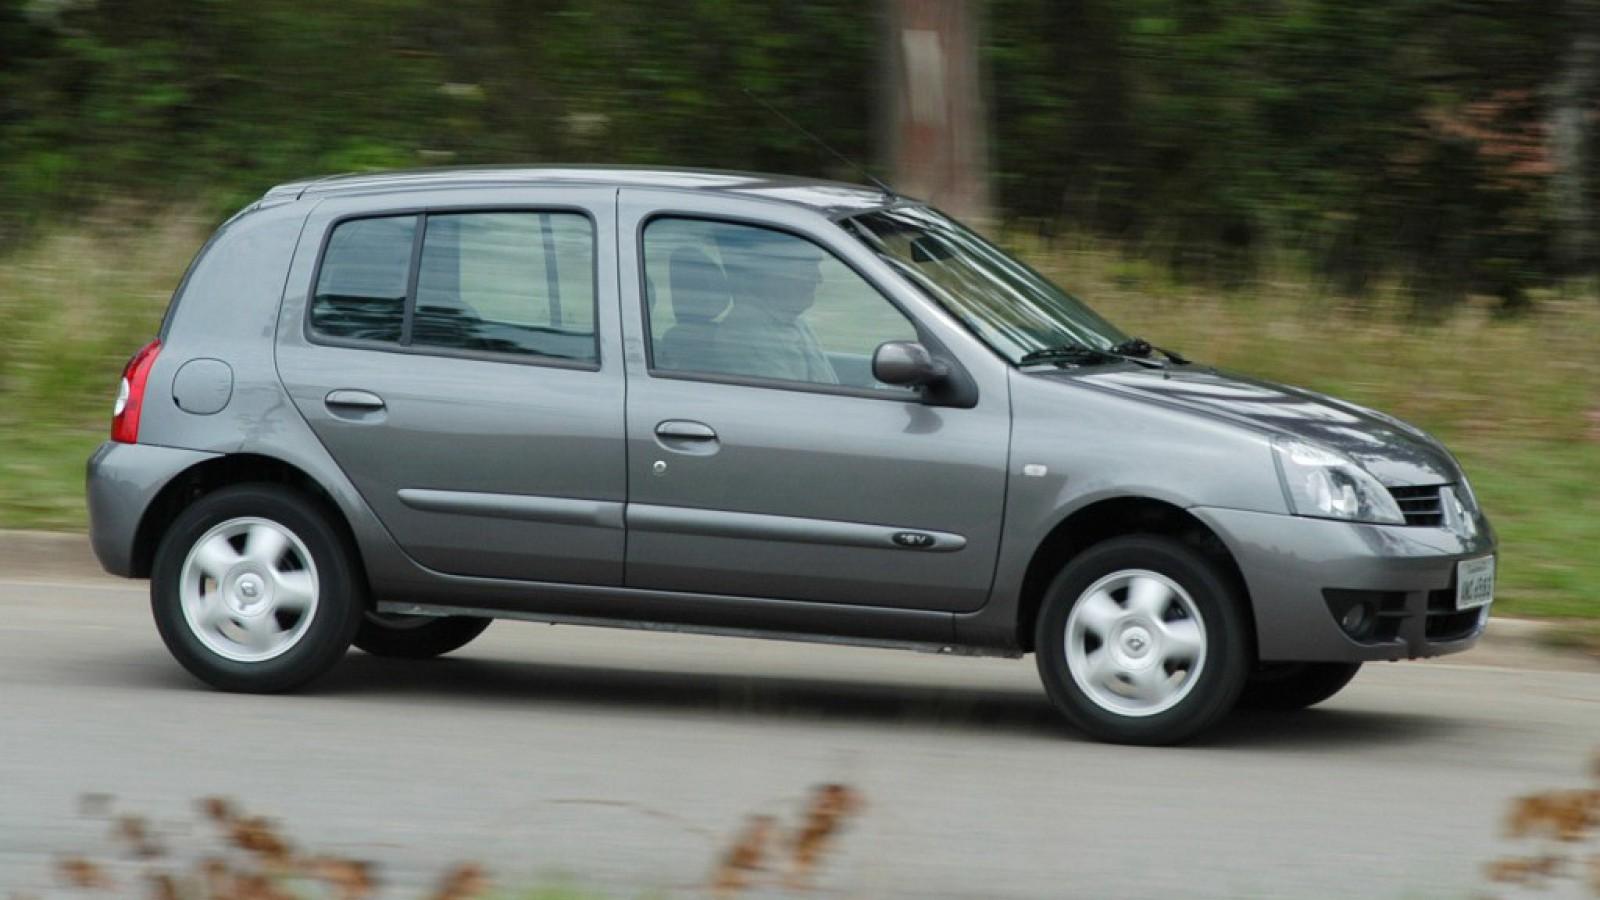 (foto) Imaginea zilei: Un şofer din Chişinău, uimit de ce transporta altul într-un Renault Clio cu portbagaj deschis